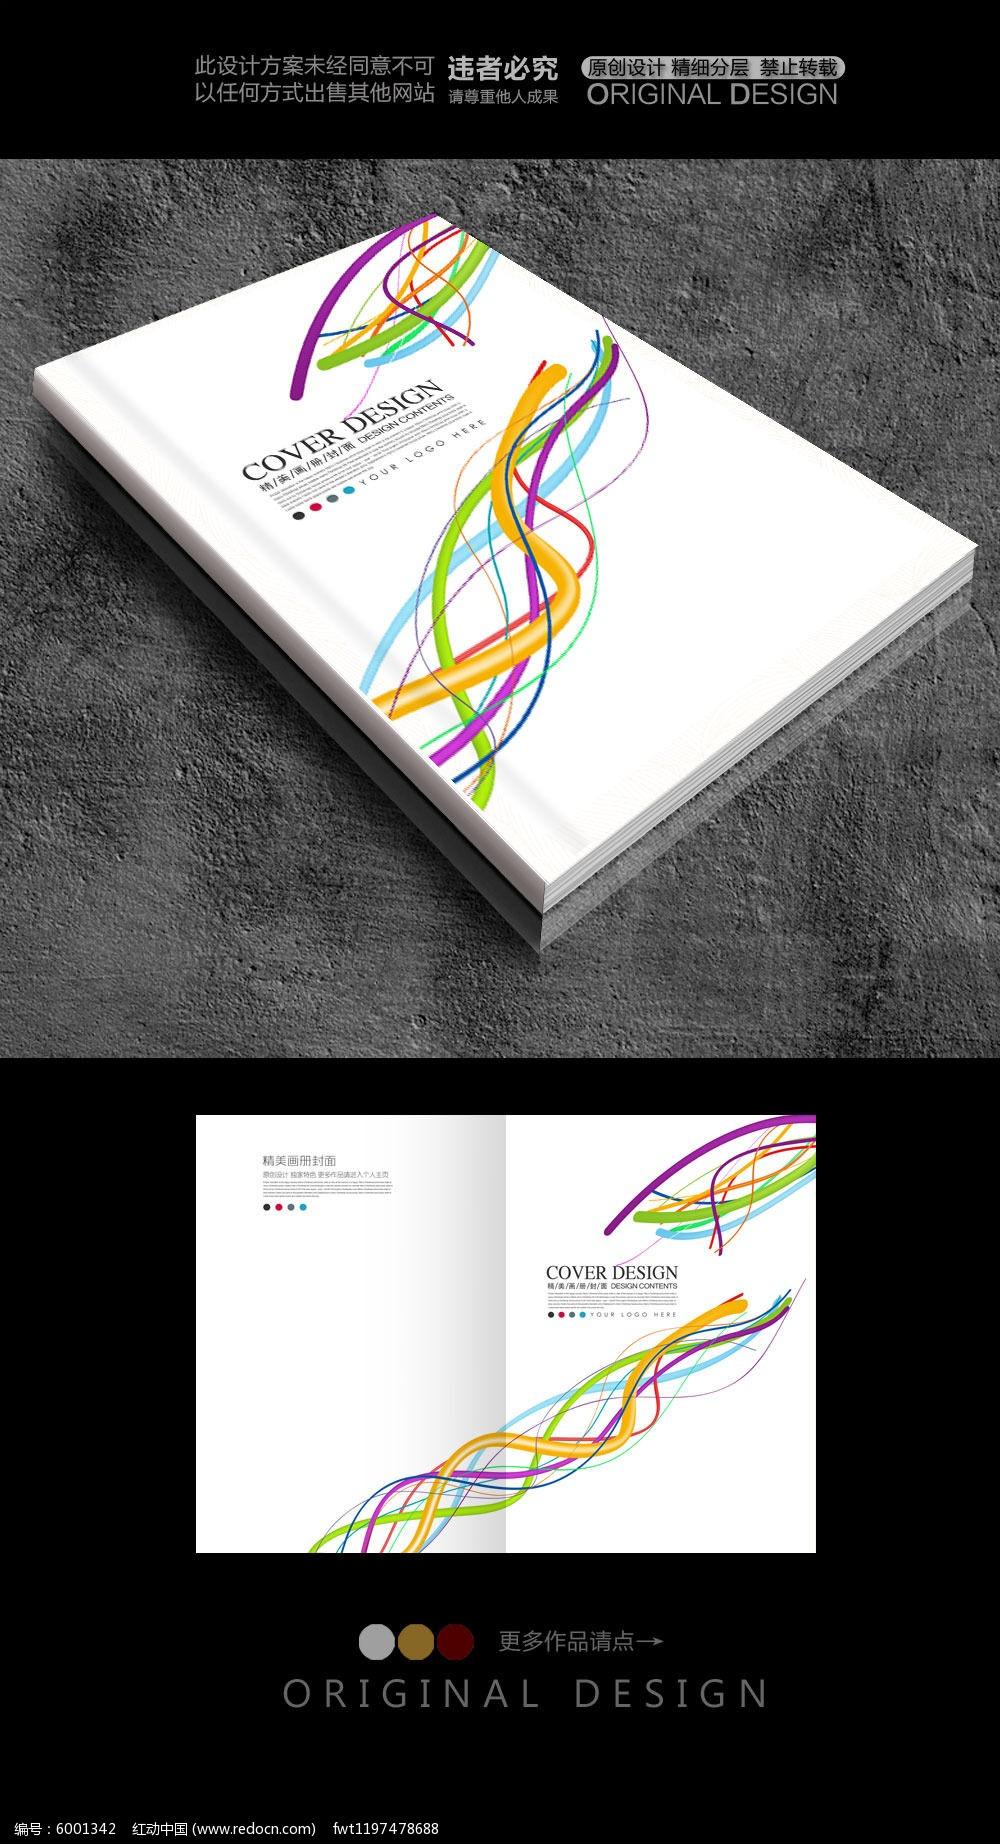 时尚杂志封面设计图片